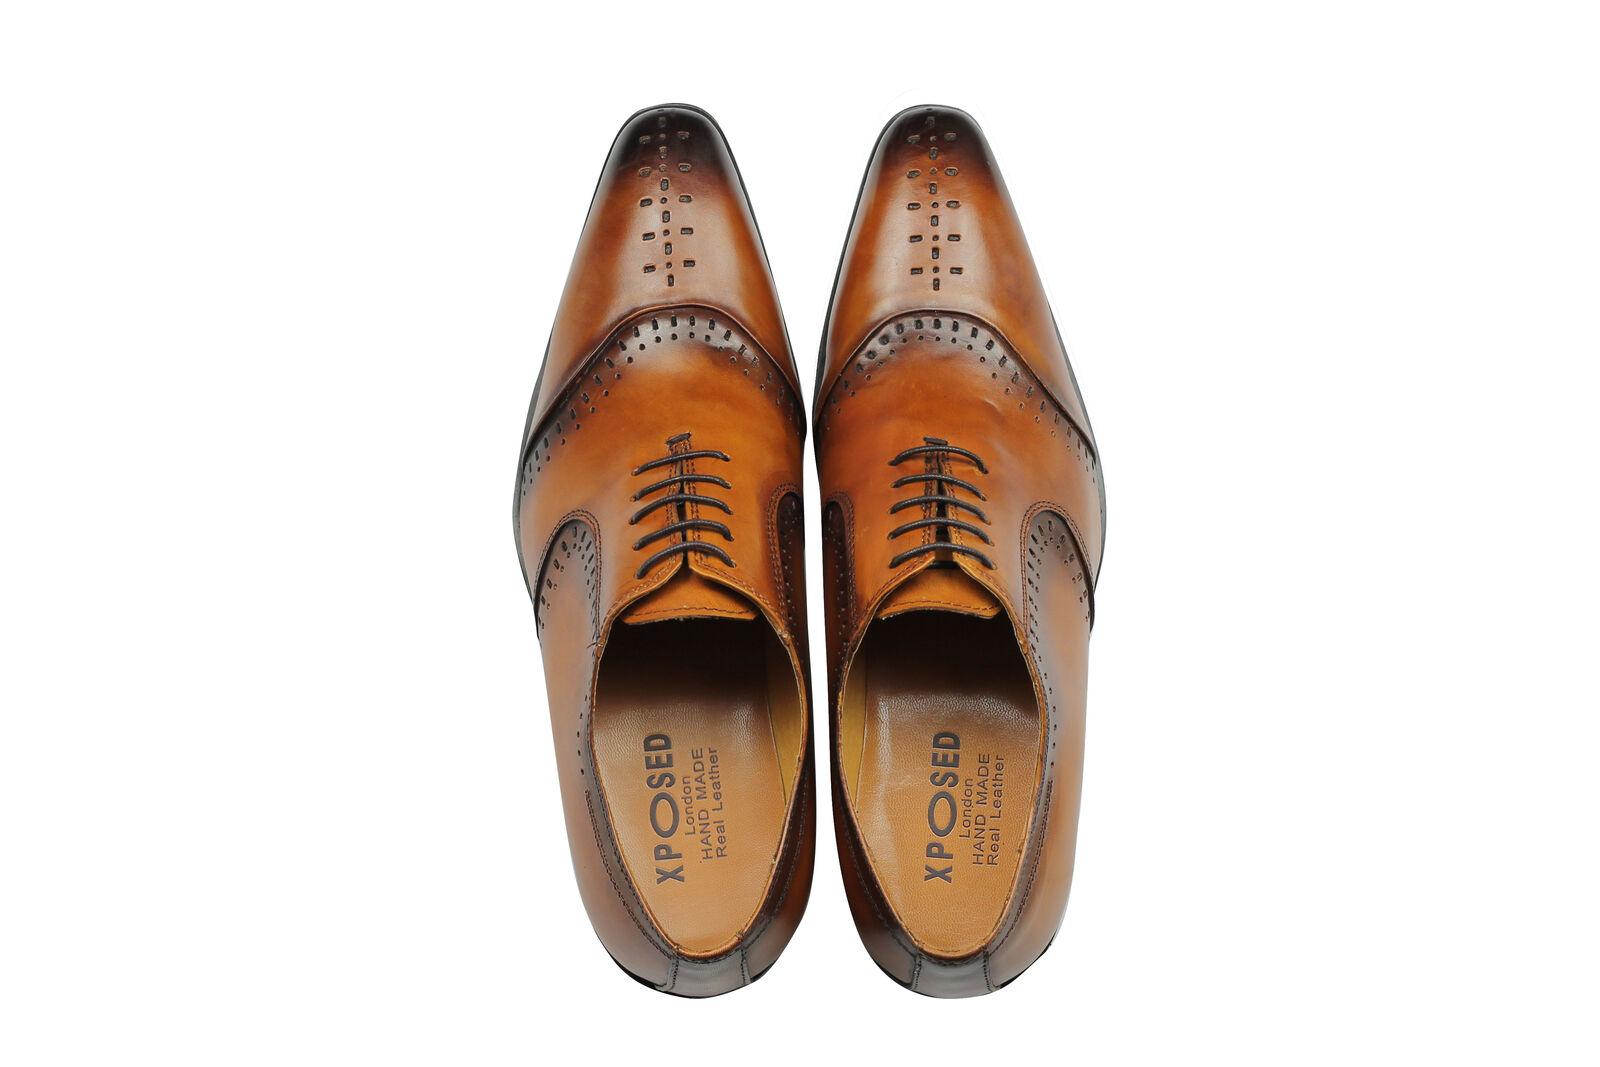 Uomo Real Formal Leder 2 Tone Tan Formal Real Lace up Dress Schuhes UK Größe 6 7 8 9 10 11 12 633093